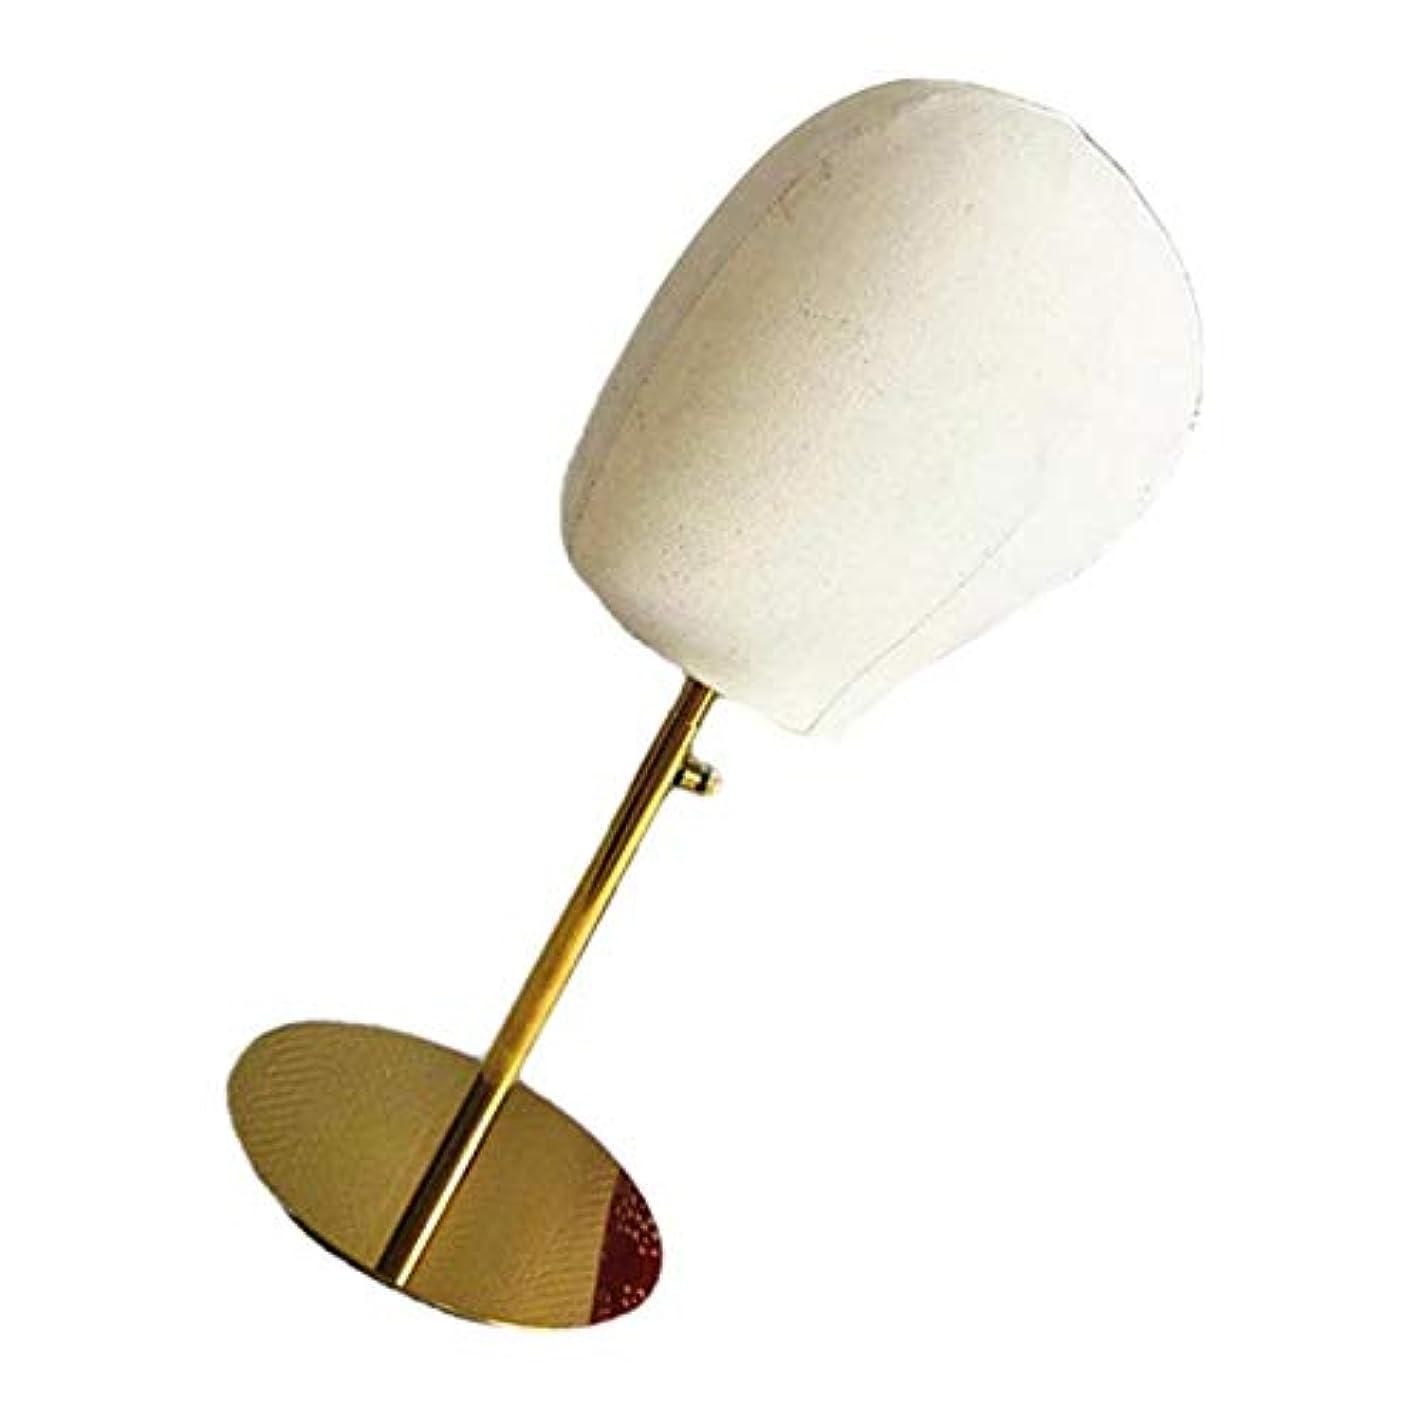 薄いです元気な元気なSM SunniMix ウィッグ スタンド マネキンヘッド ヘッドモデル 調整可能な かつら 帽子 ディスプレイ 全2種 - 2